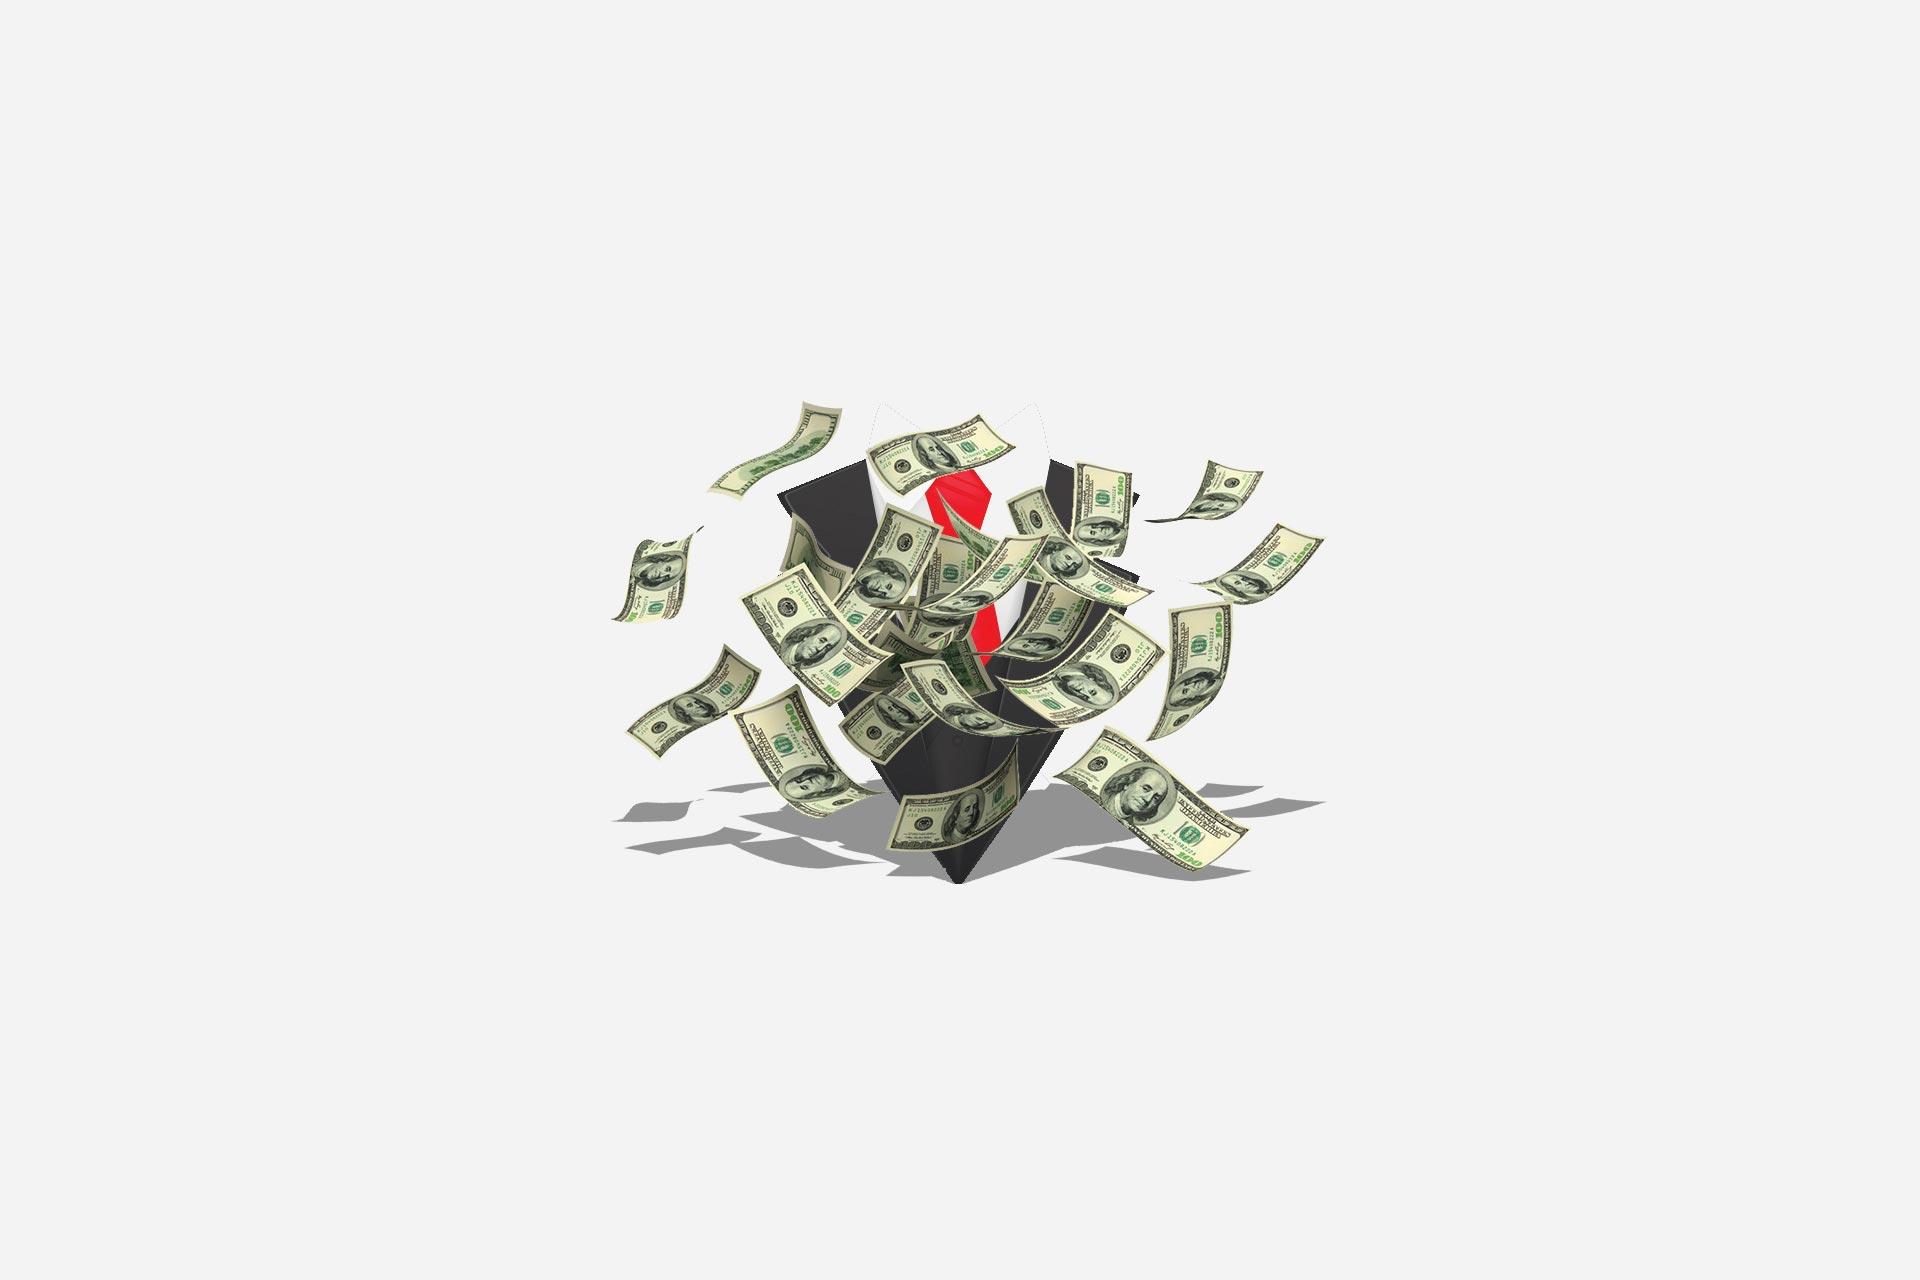 باورهای اشتباه در مورد امور مالی شخصی